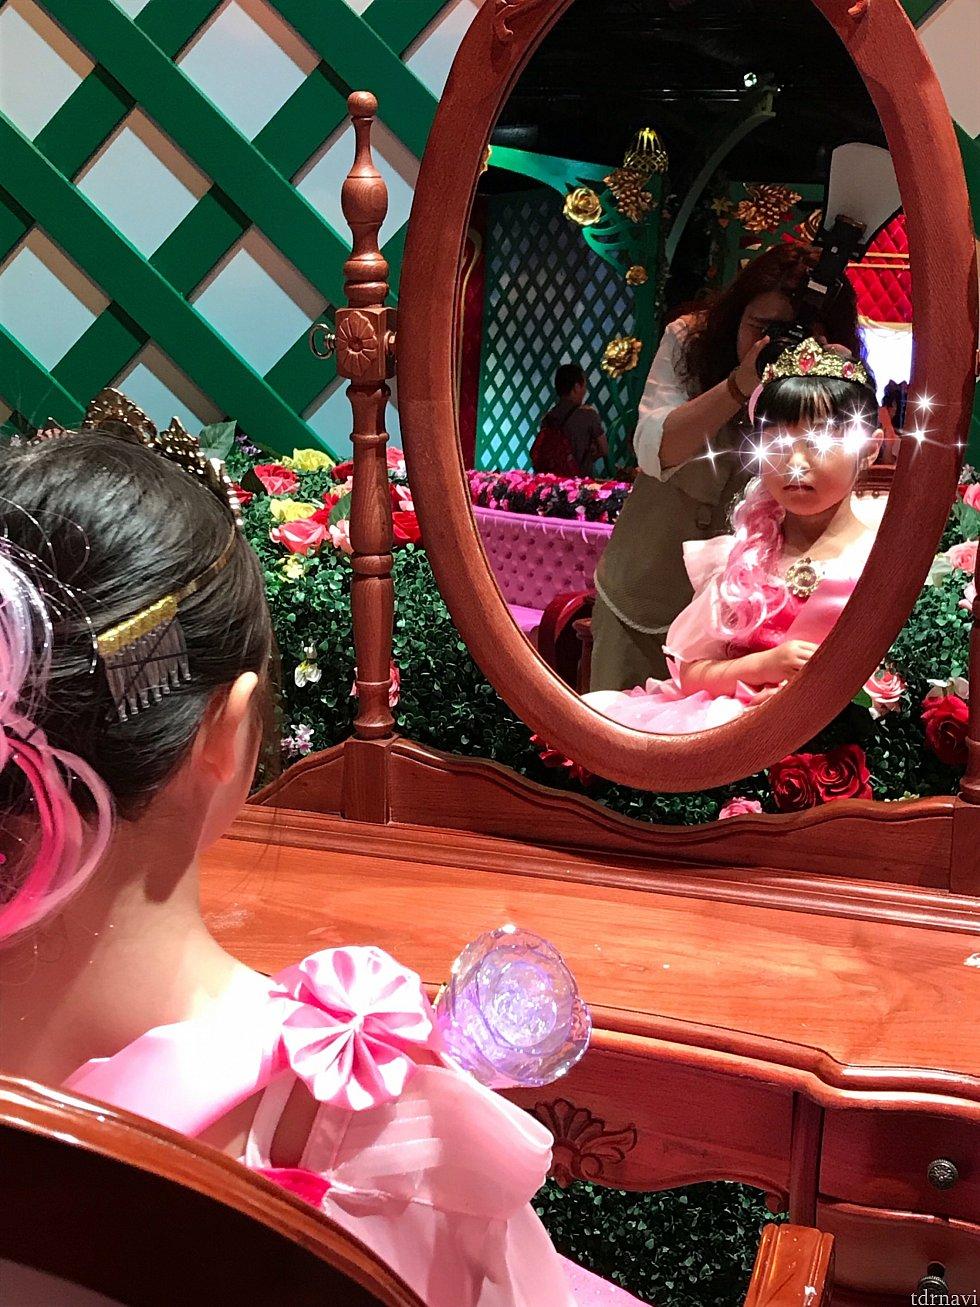 鏡をひっくり返して、変身をした自分と対面します。 カメラマンさんも来て写真を撮ってくれます。